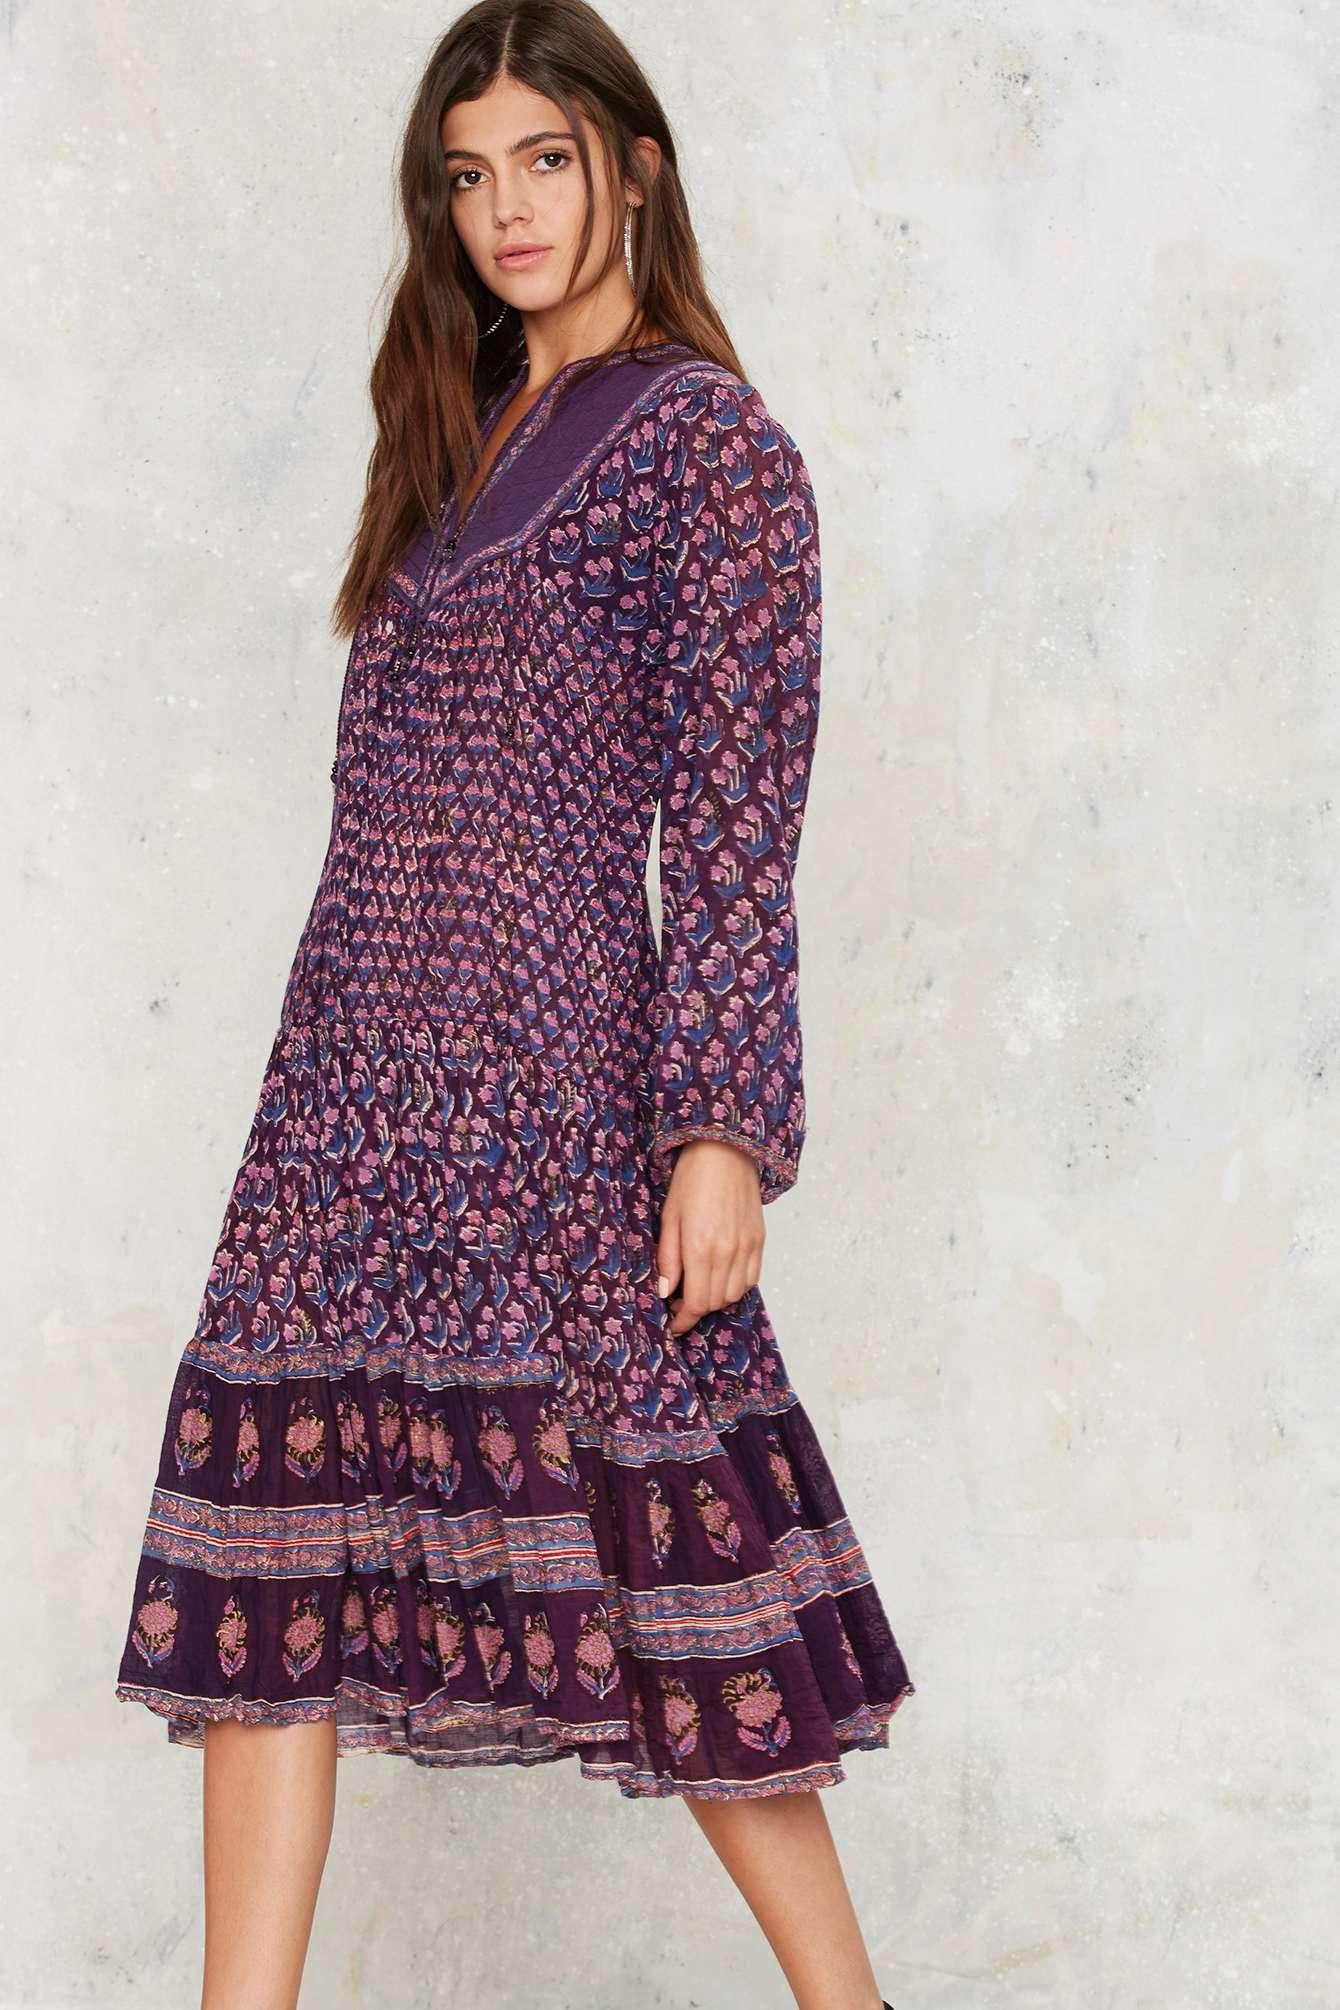 Vintage Dress, $258